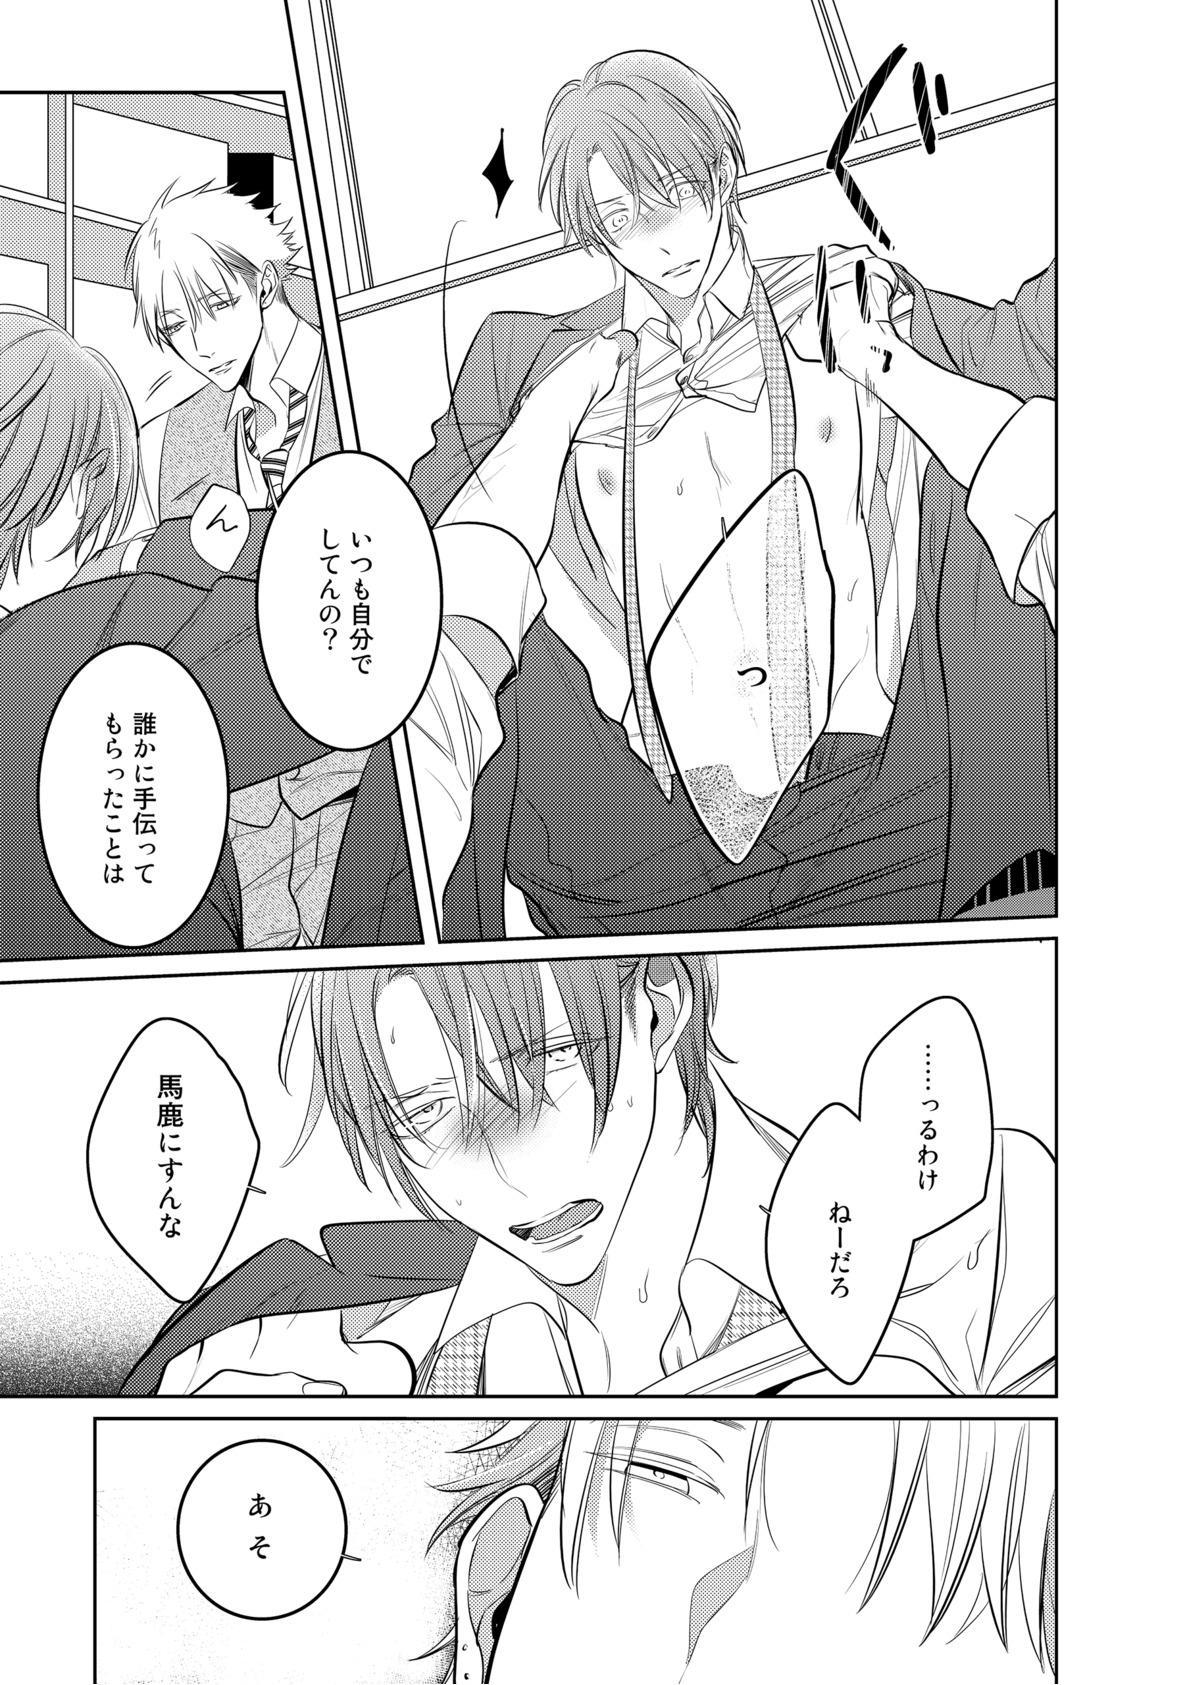 Kurui Naku no wa Boku no Ban ~ vol.2 32